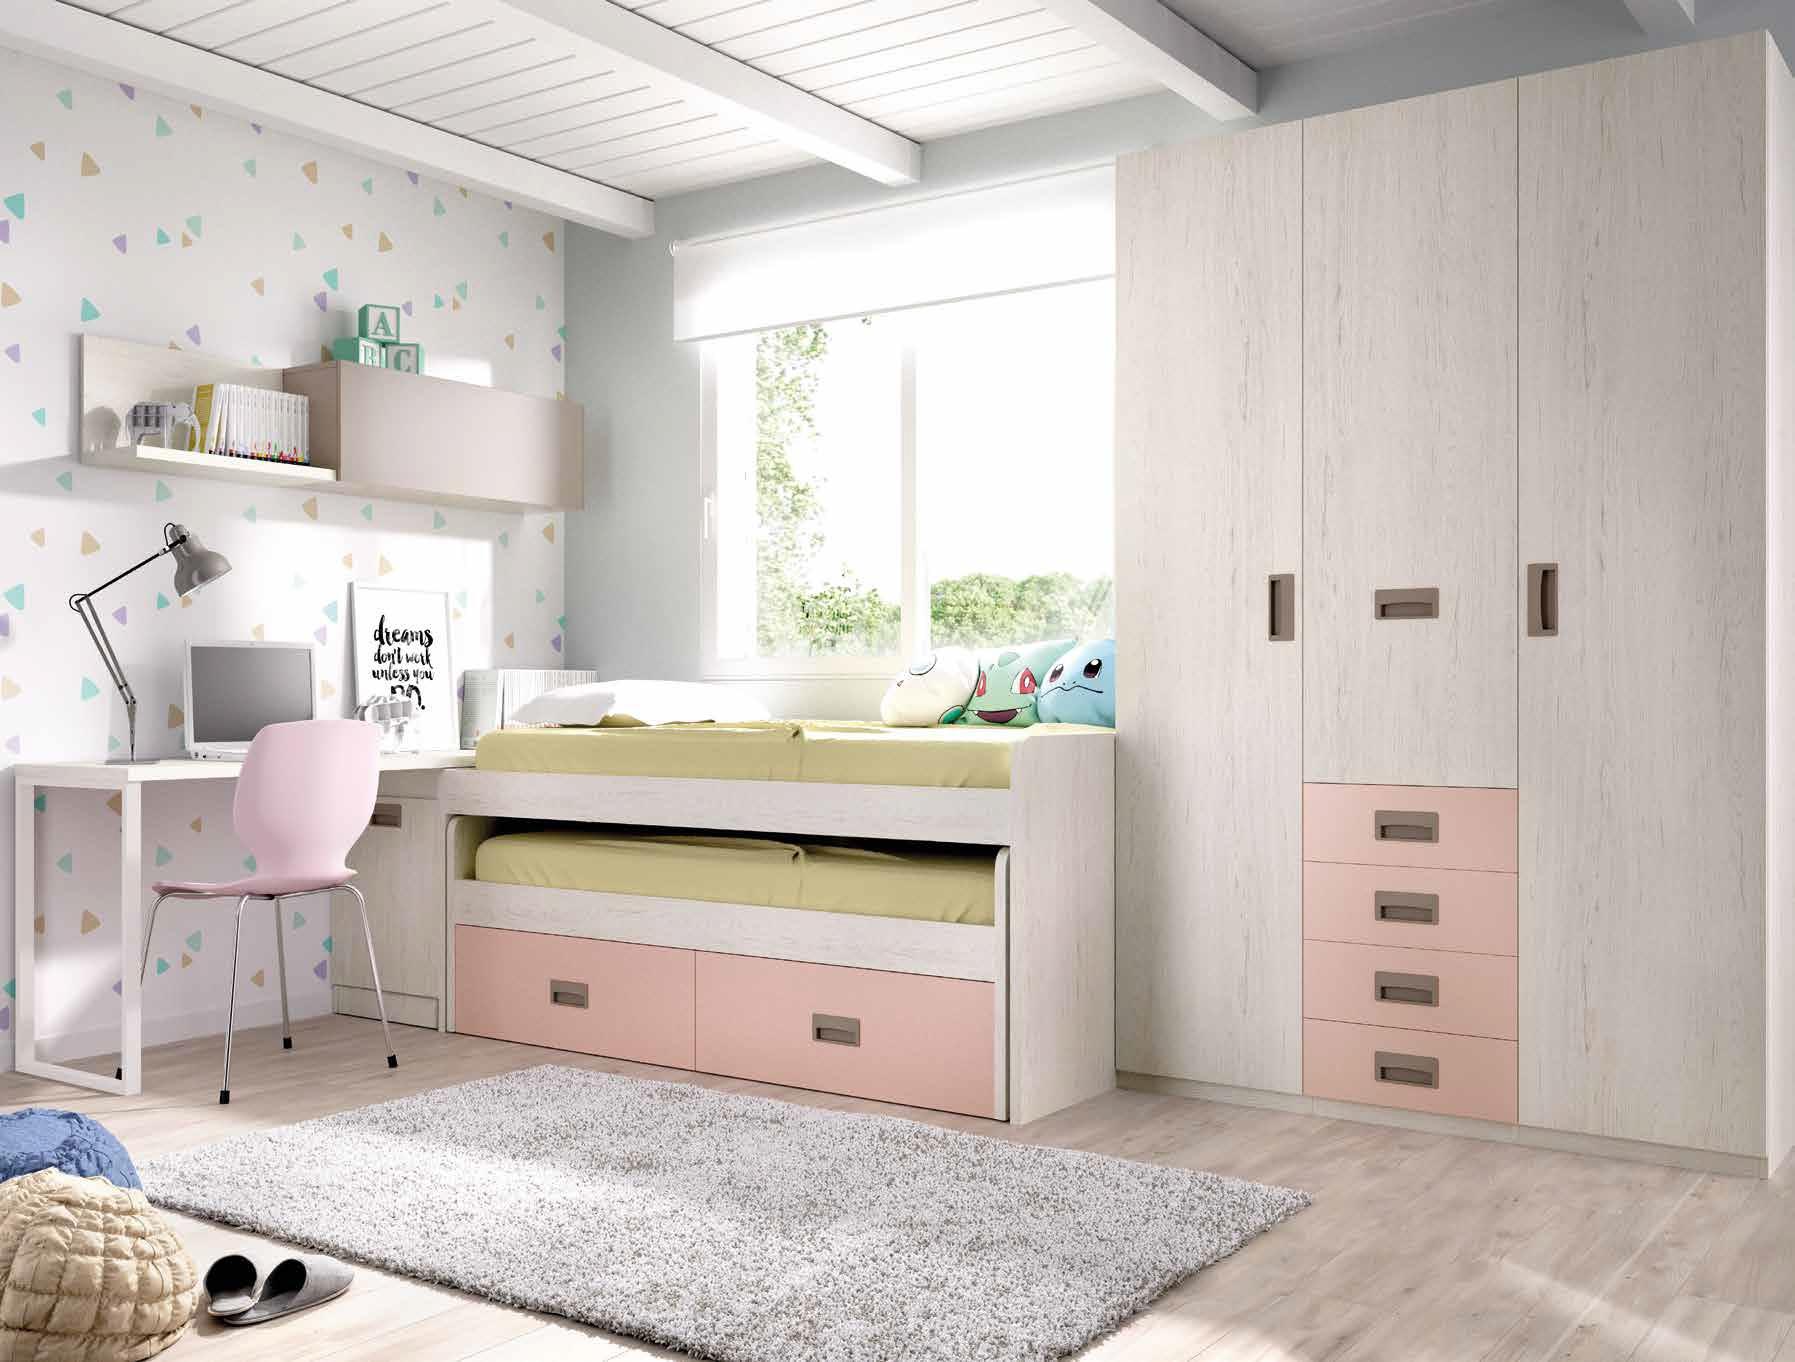 compactos-ONE-19-muebles-paco-caballero-512-5ccc178c7801d